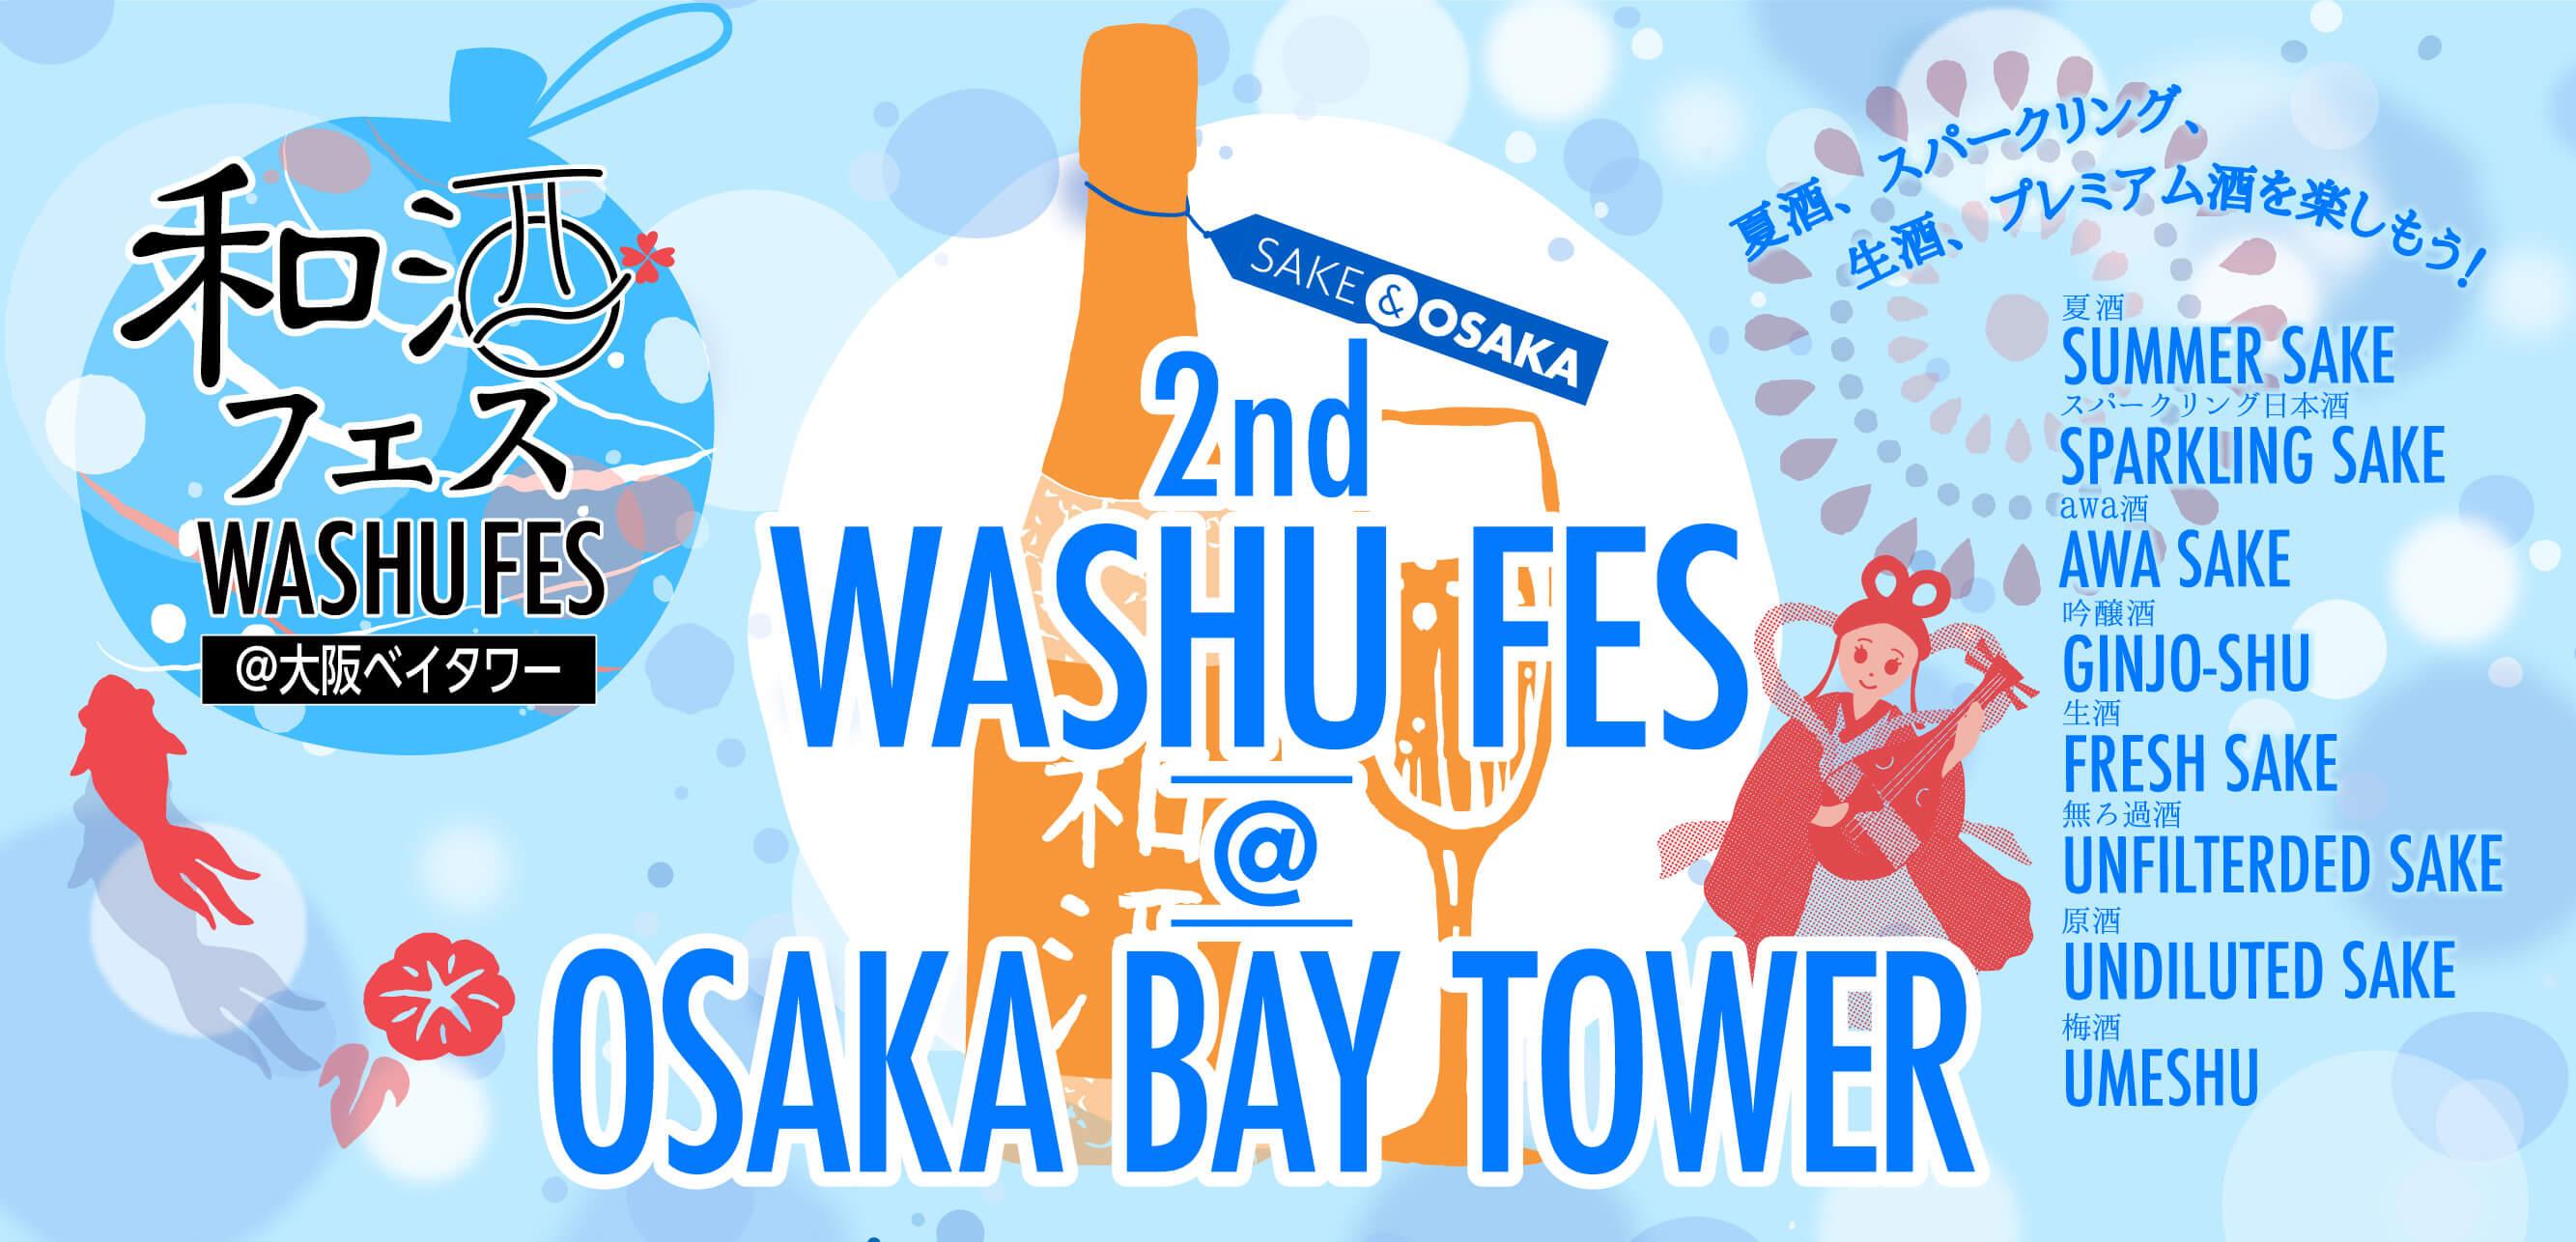 第2回和酒フェス@大阪ベイタワー